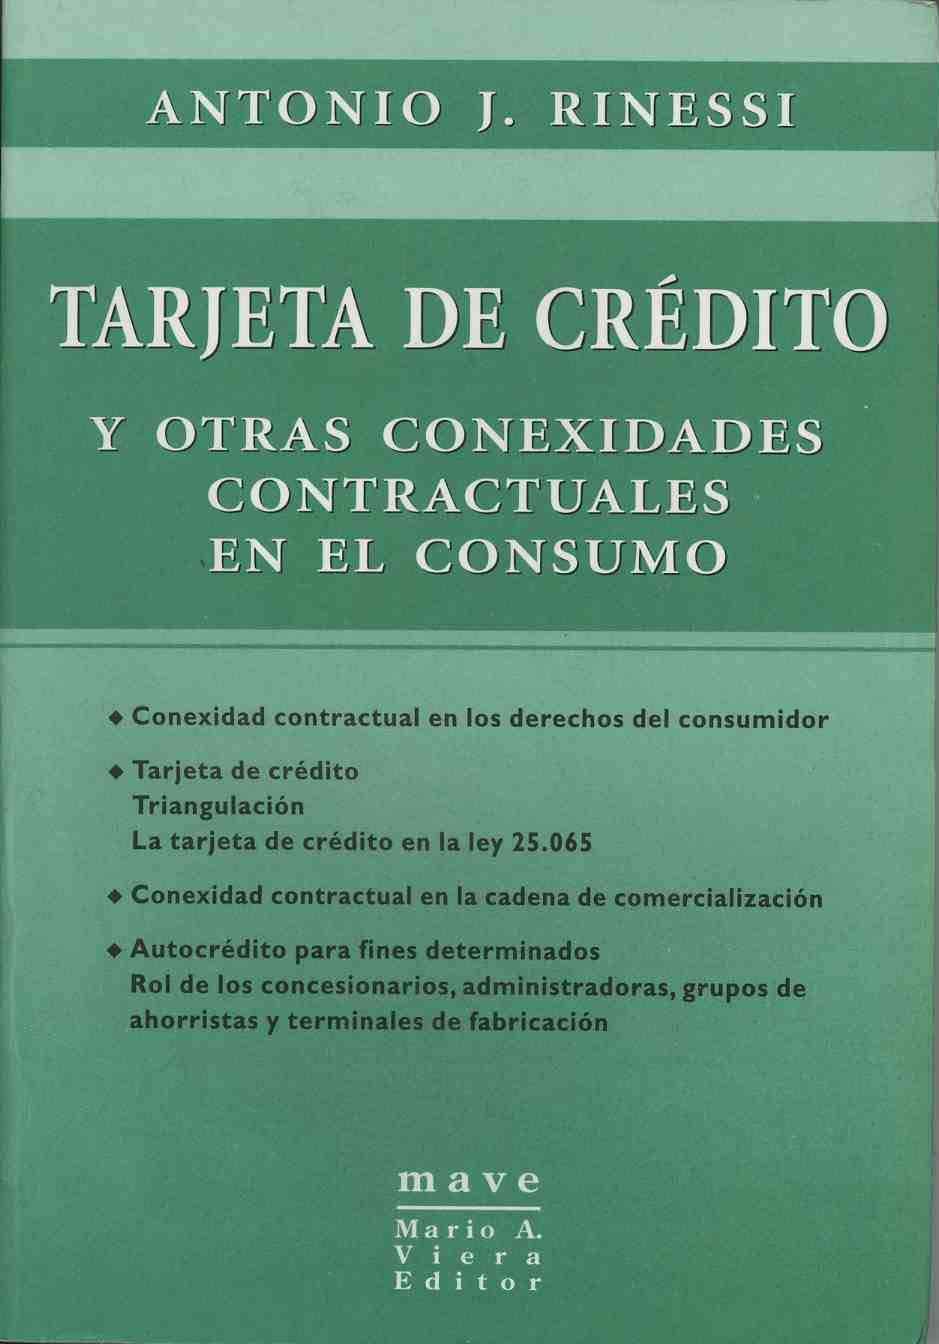 TARJETA DE CREDITO Y OTRAS CONEXIDADES CONTRACTUALES EN EL ...